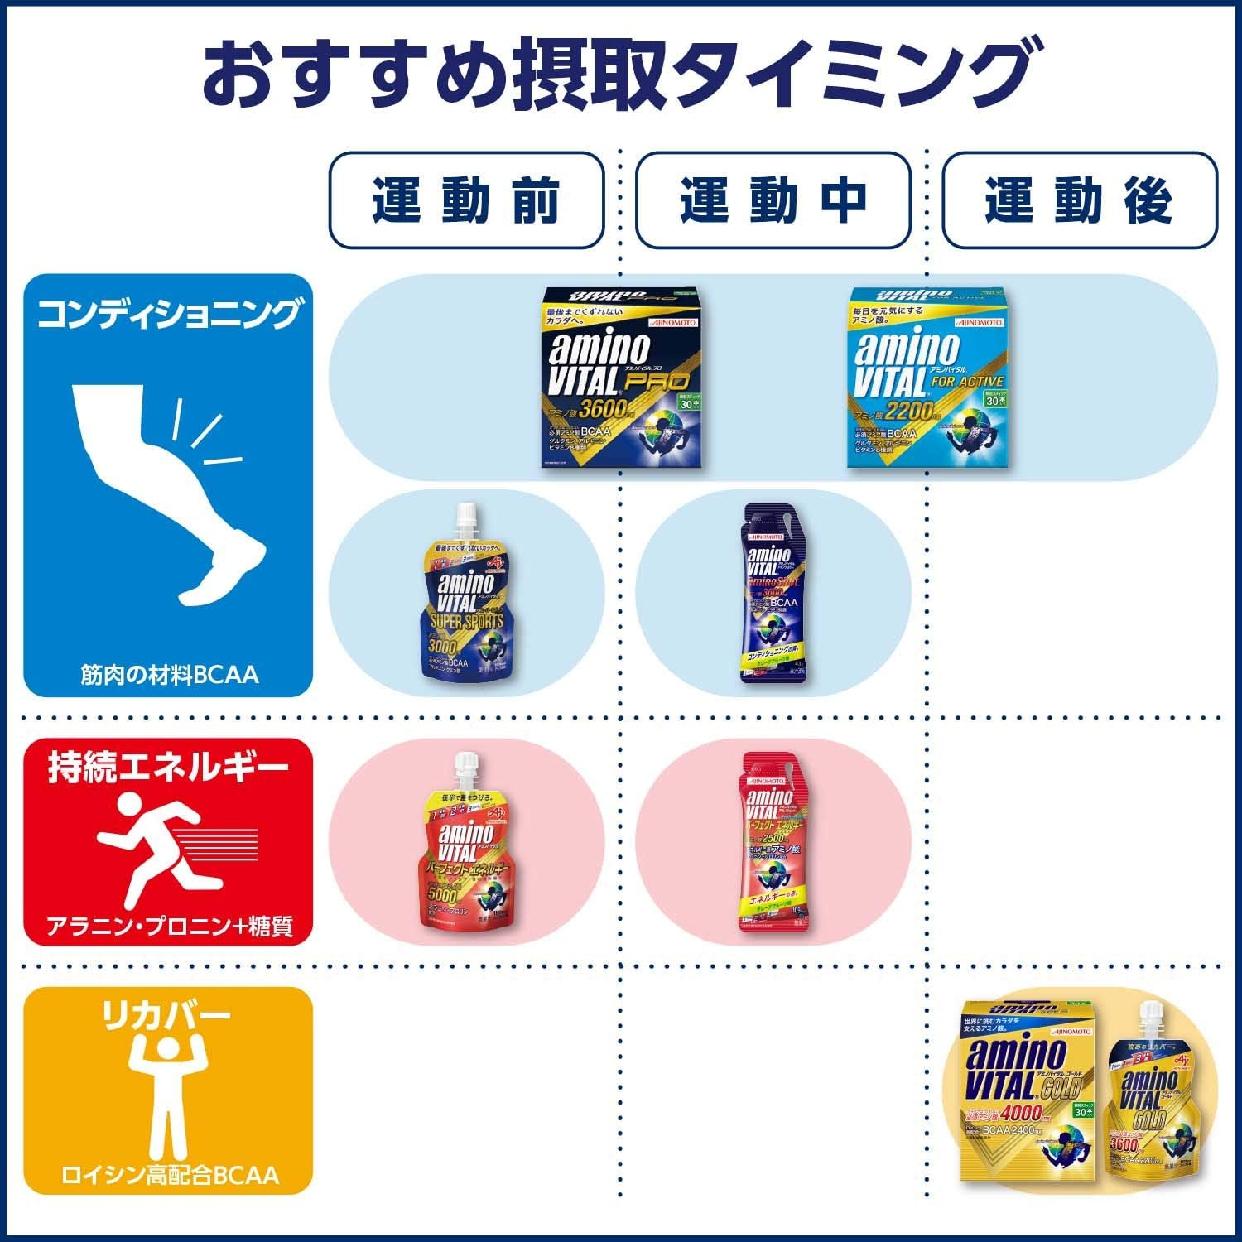 味の素(AJINOMOTO) アミノバイタル プロの商品画像4